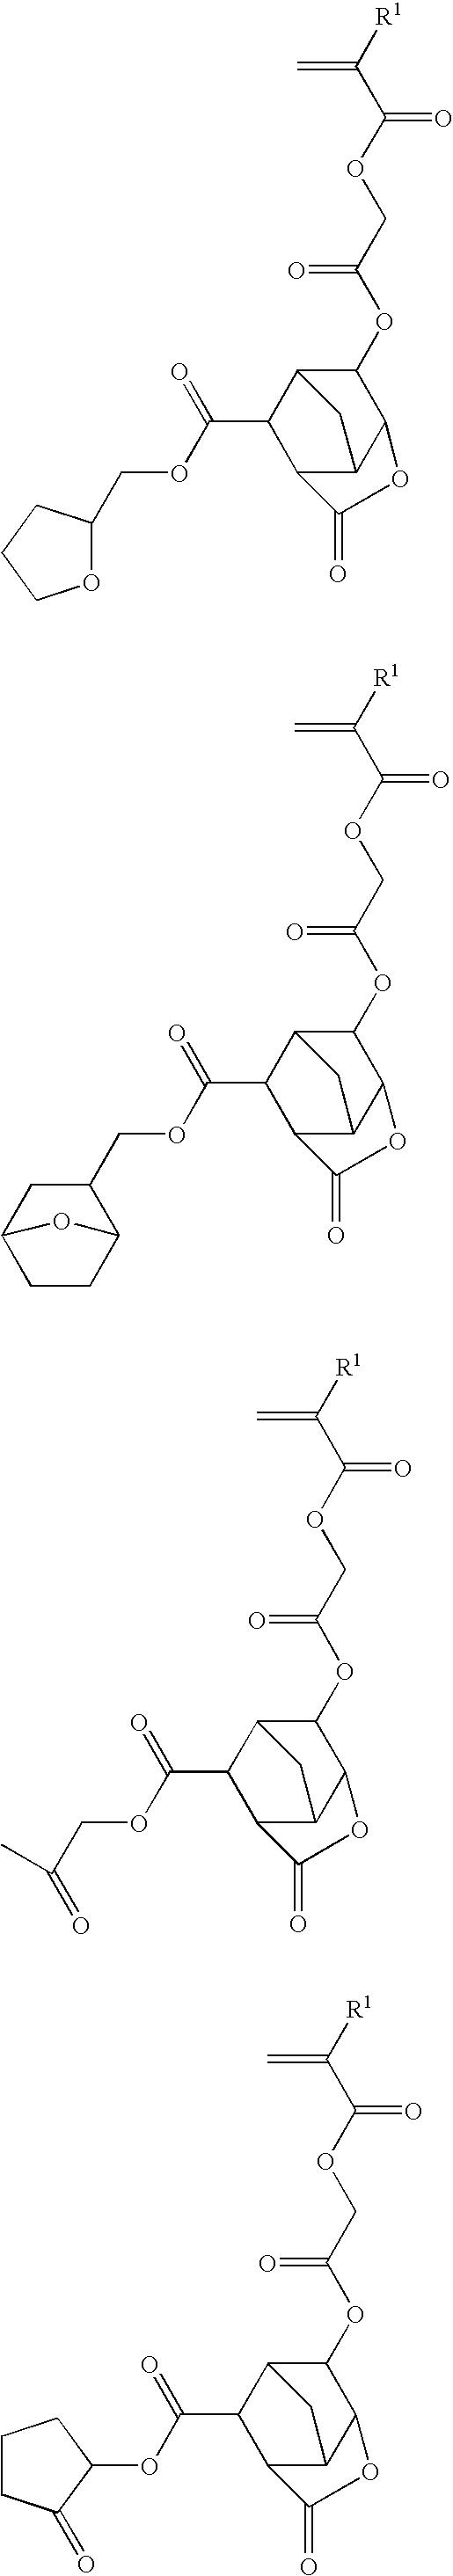 Figure US20080026331A1-20080131-C00011